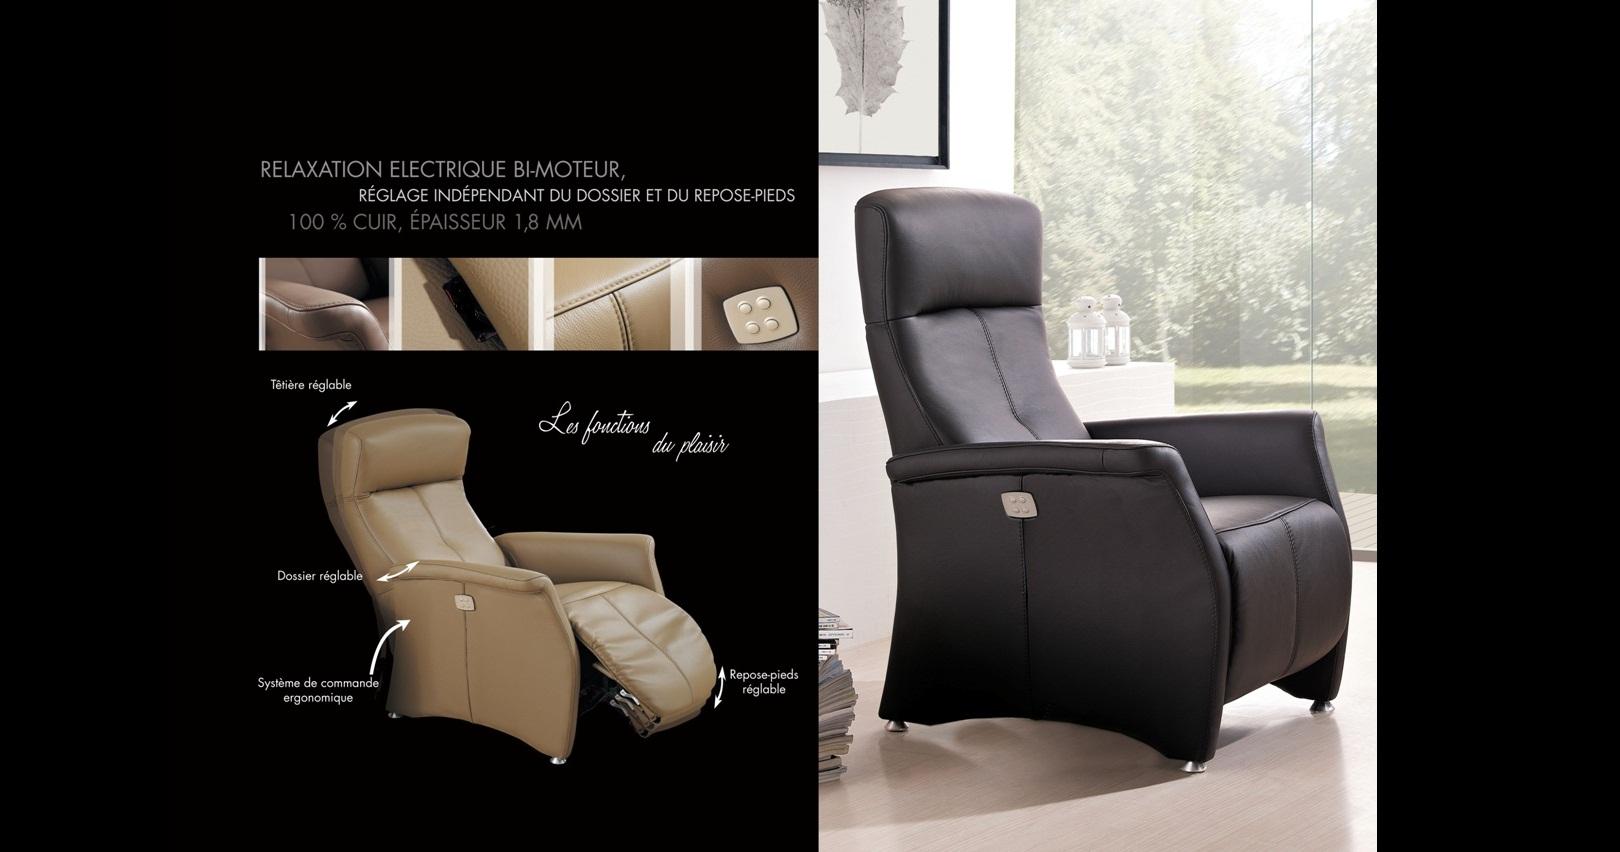 PRASLIN Fauteuil Relaxation Electrique Bi Moteur personnalisable